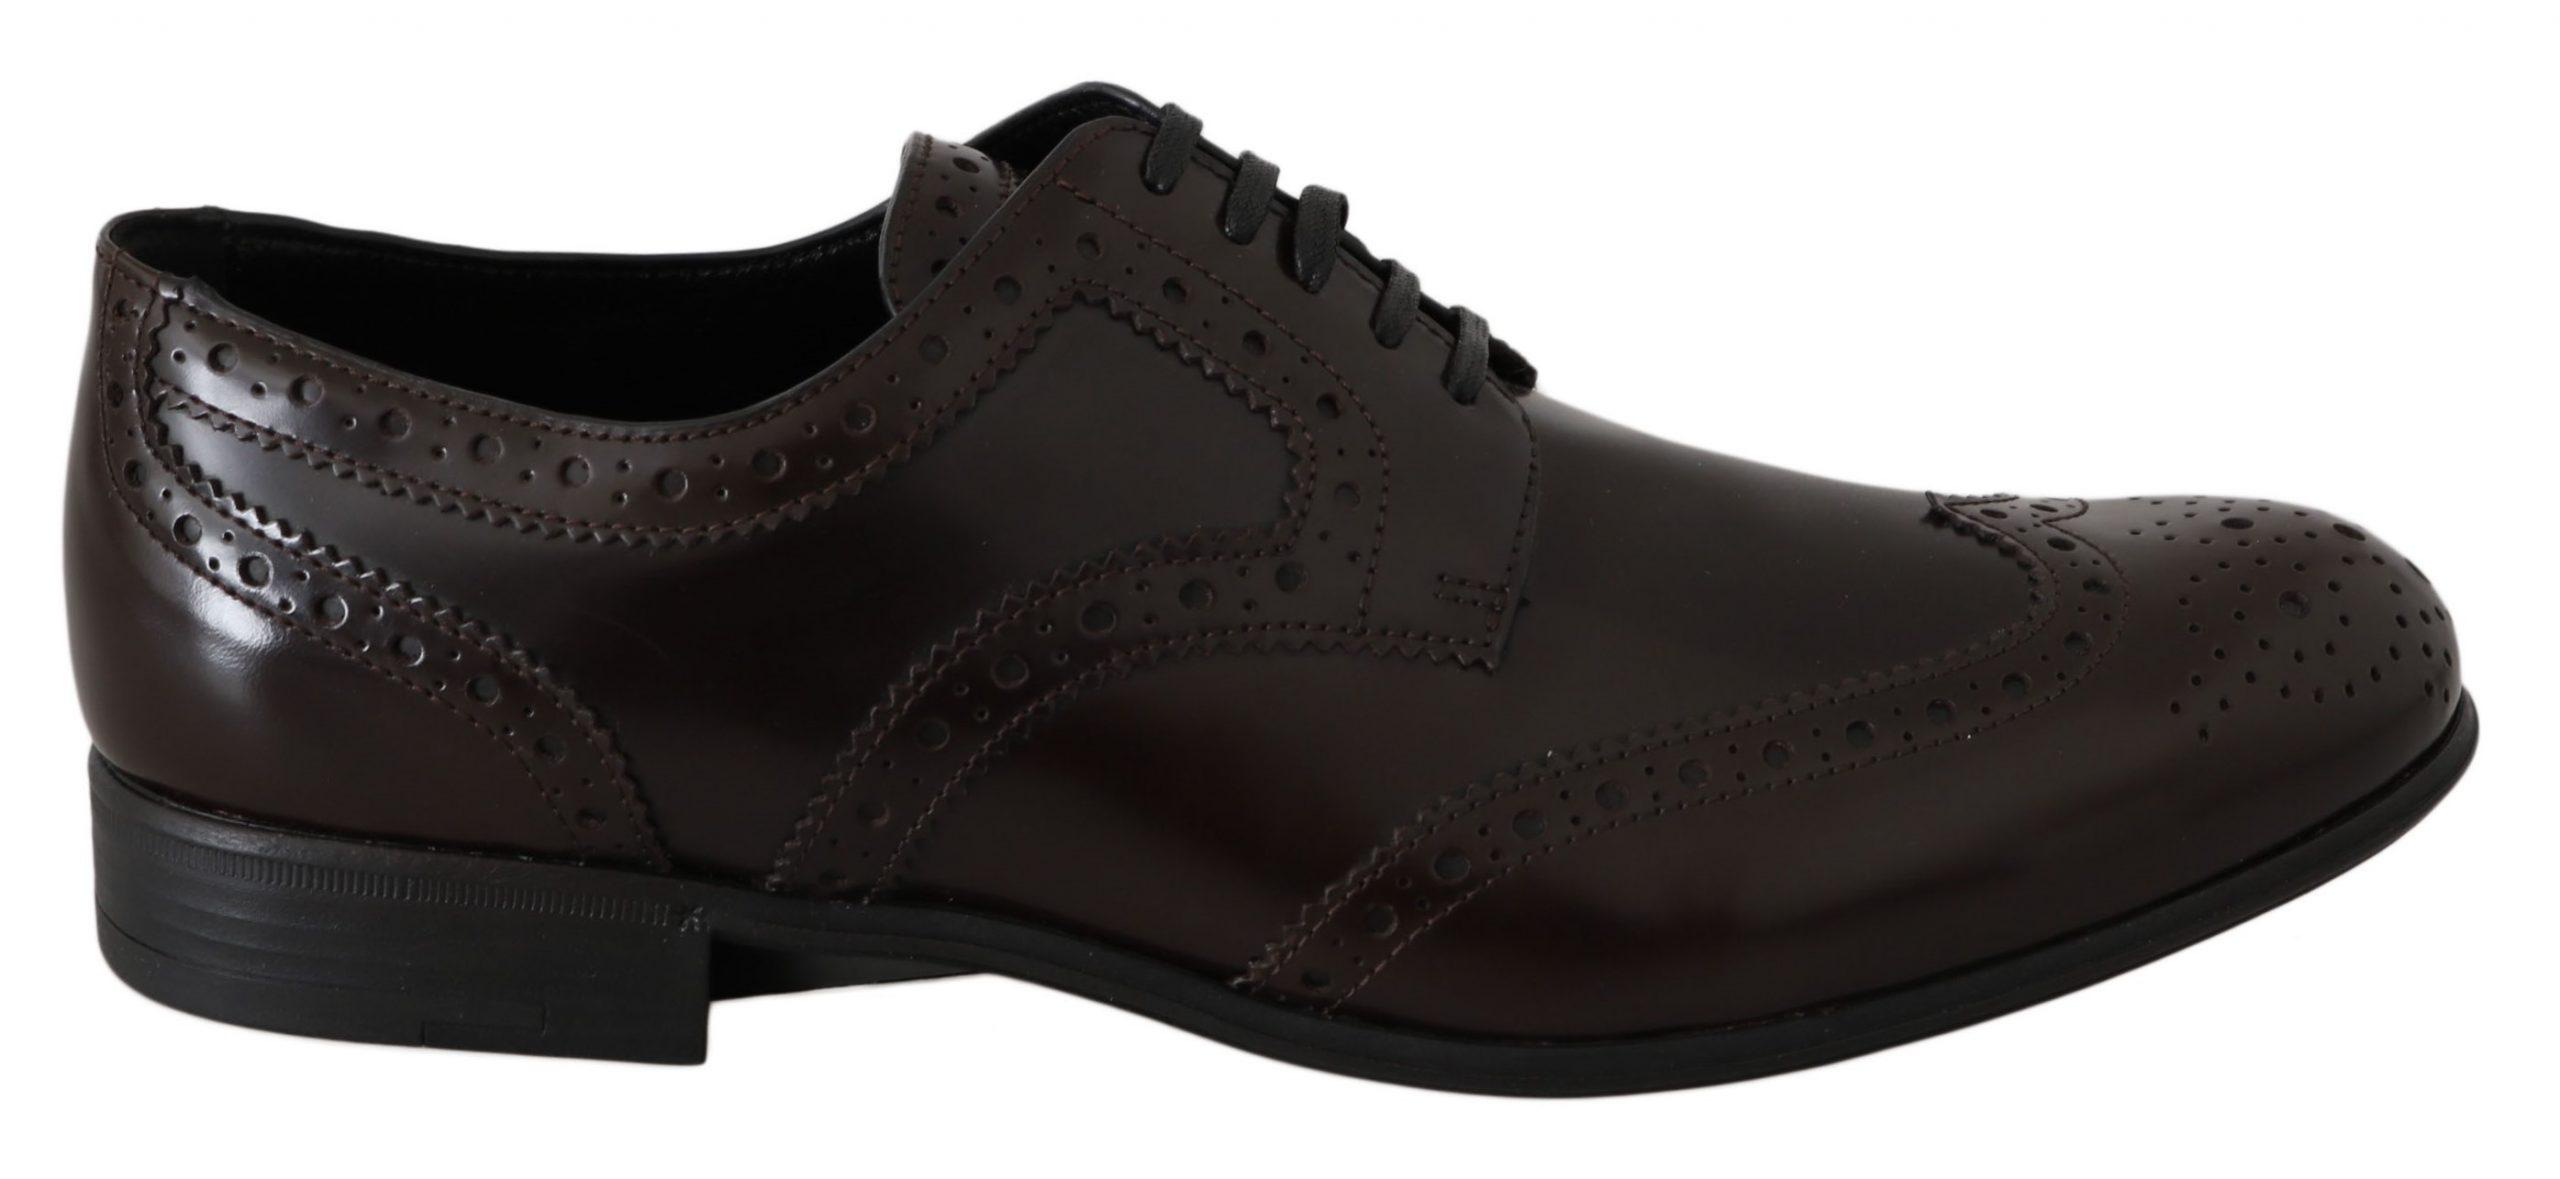 Dolce & Gabbana Men's Brogues Shoes Brown LA5979 - EU39/US8.5